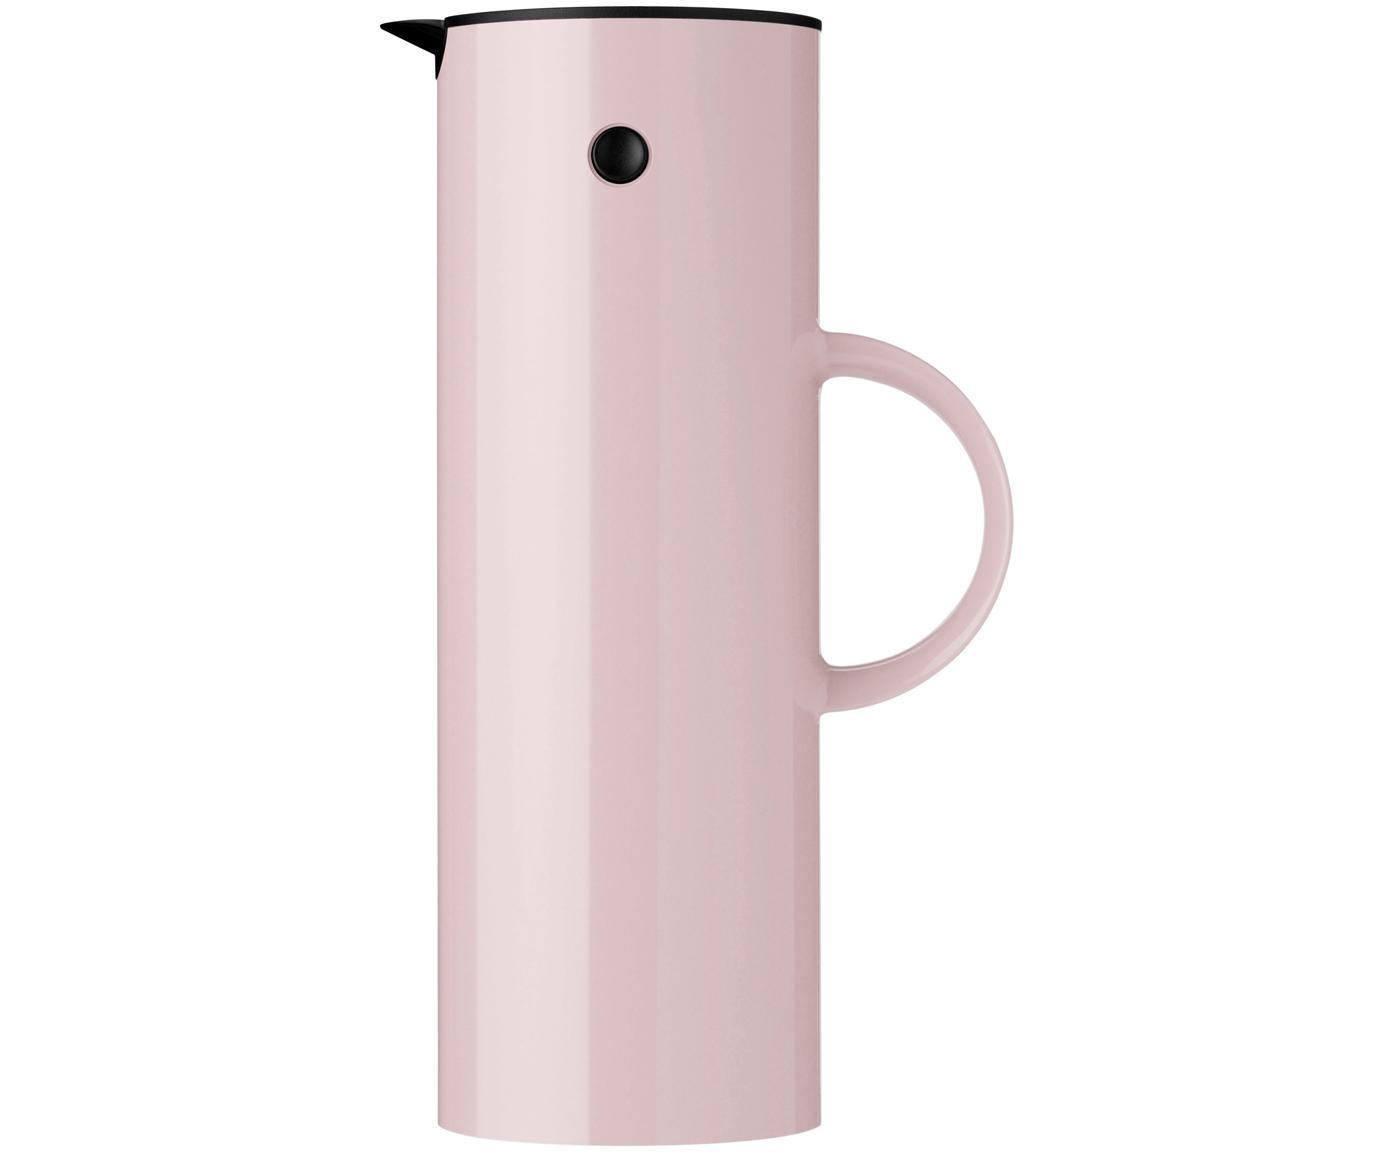 Brocca isotermica in rosa lucido EM77, Esterno: acciaio inossidabile, riv, Interno: materiale sintetico ABS c, Lavanda, 1 l